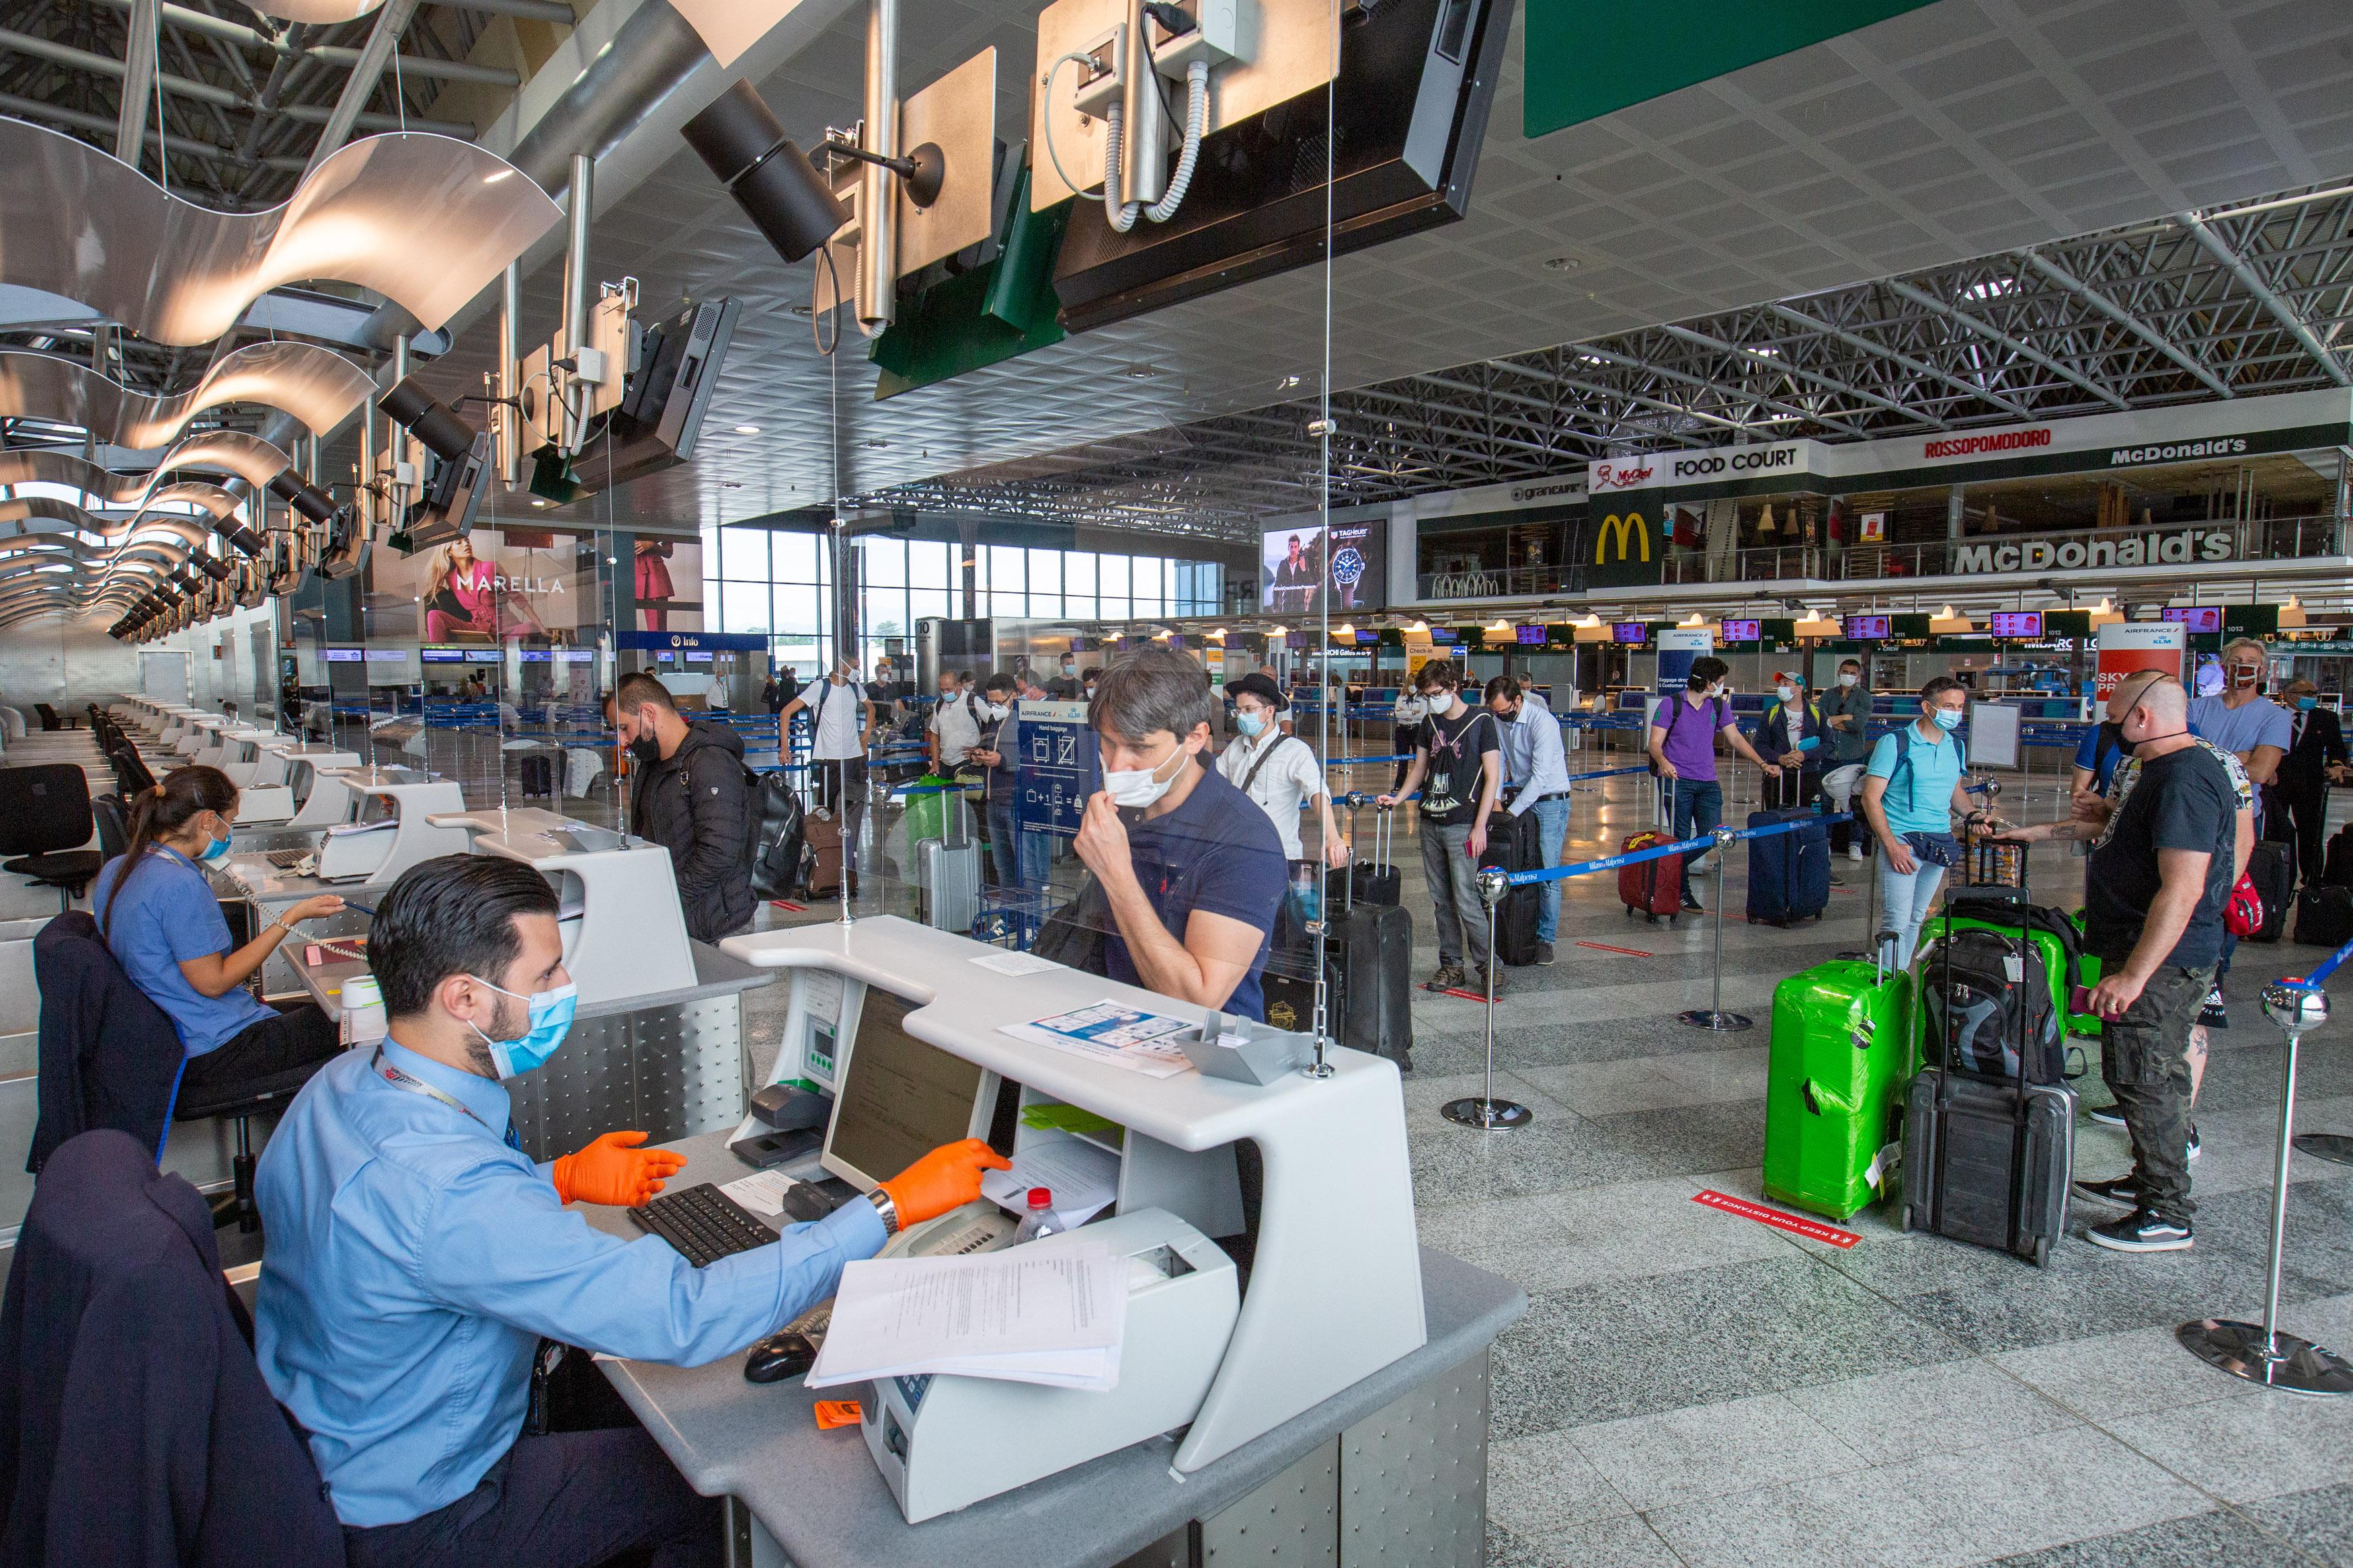 Portugalia va primi de luni turişti din majoritatea ţărilor europene. Restricţii doar pentru cinci state din UE